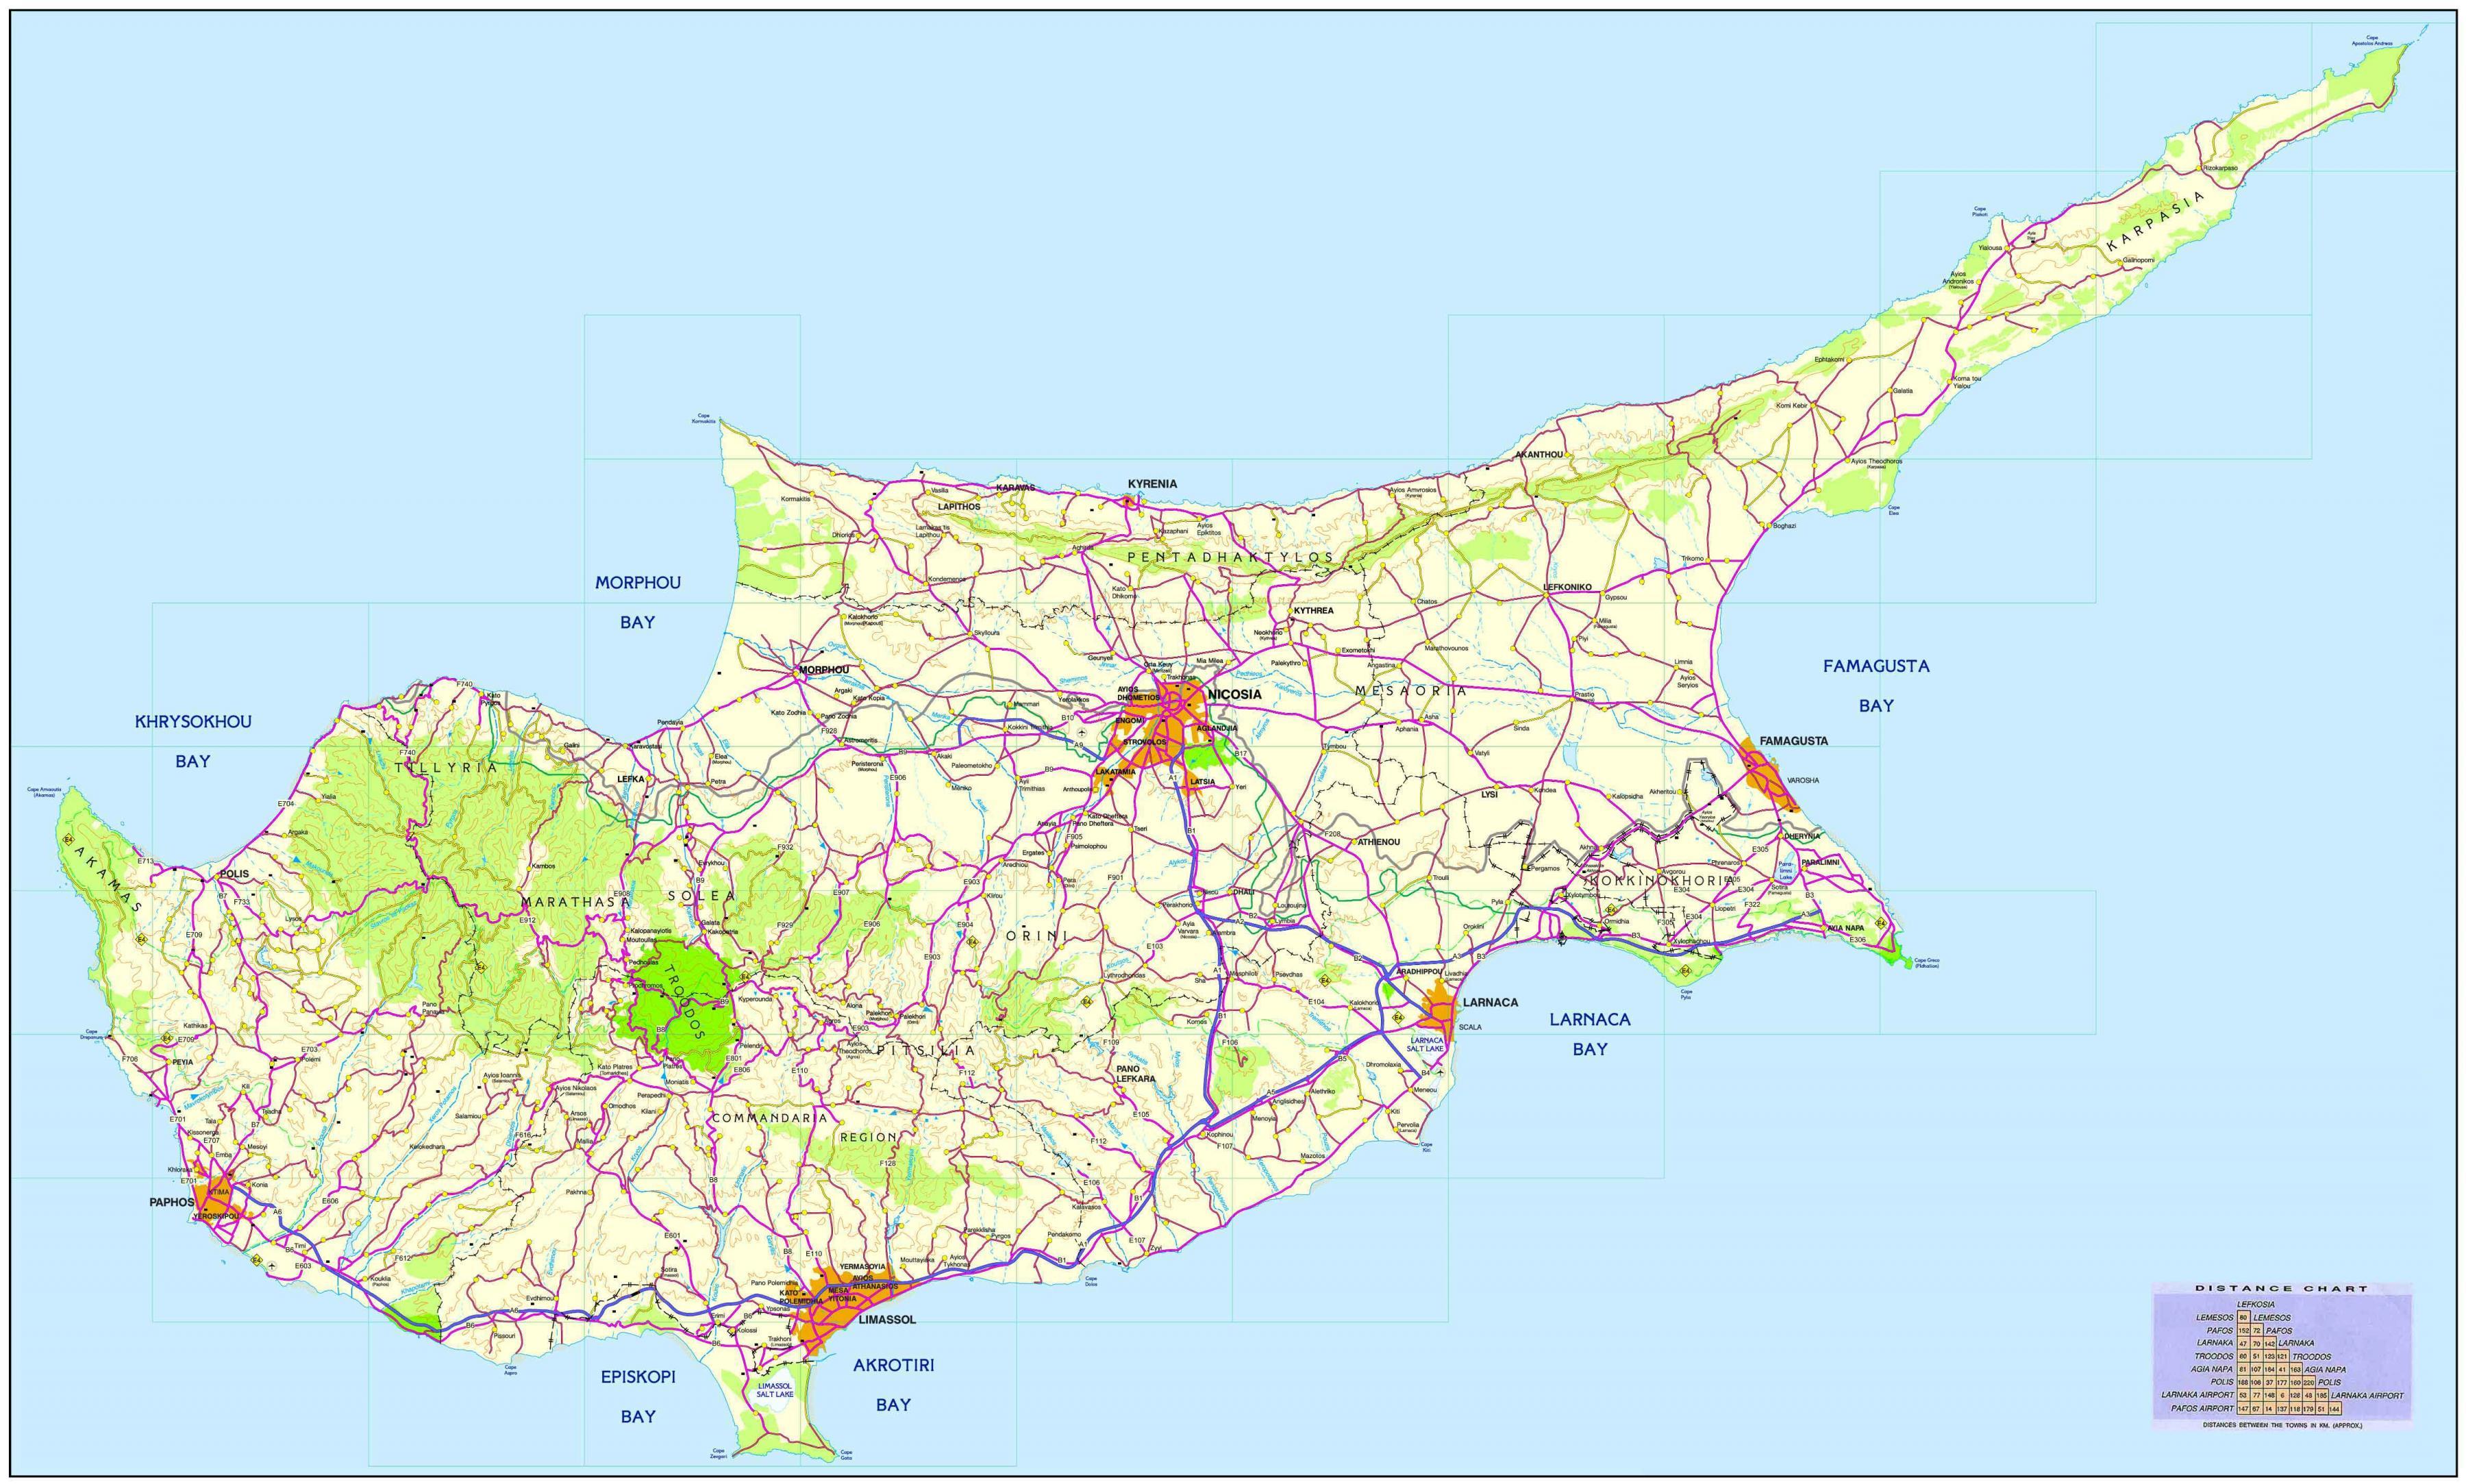 Cypern Kort Et Kort Over Cypern I Det Sydlige Europa Europa